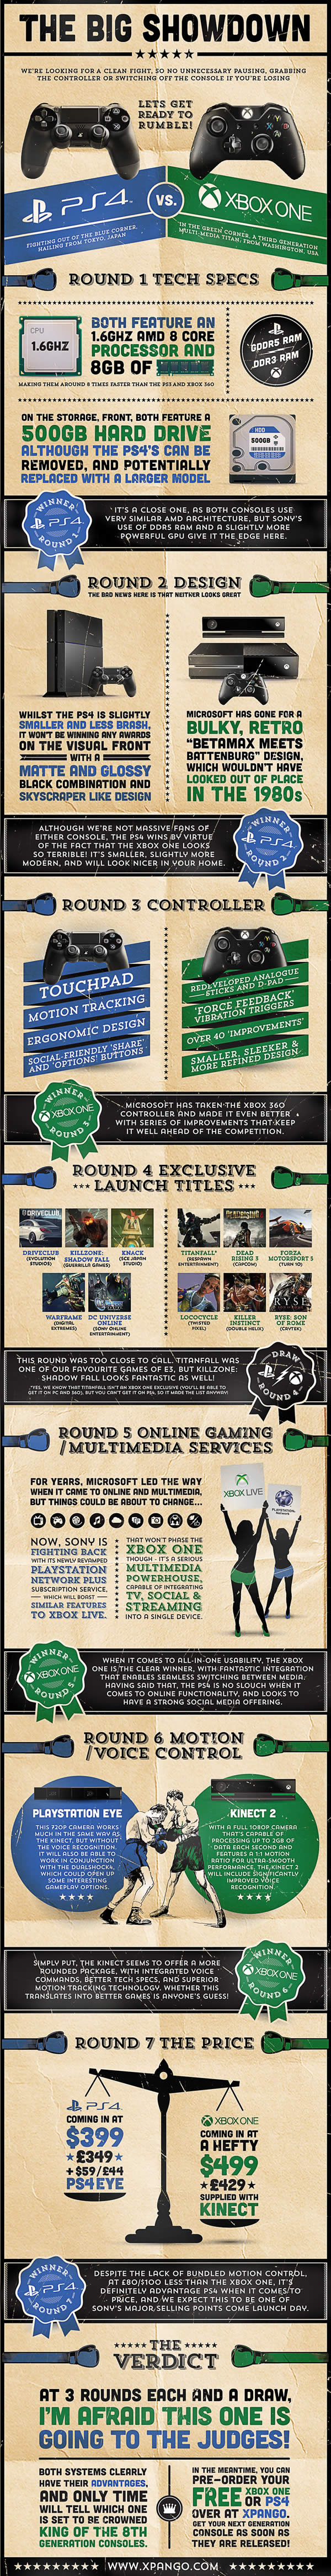 Xbox One Vs. PS4 - The Big Showdown